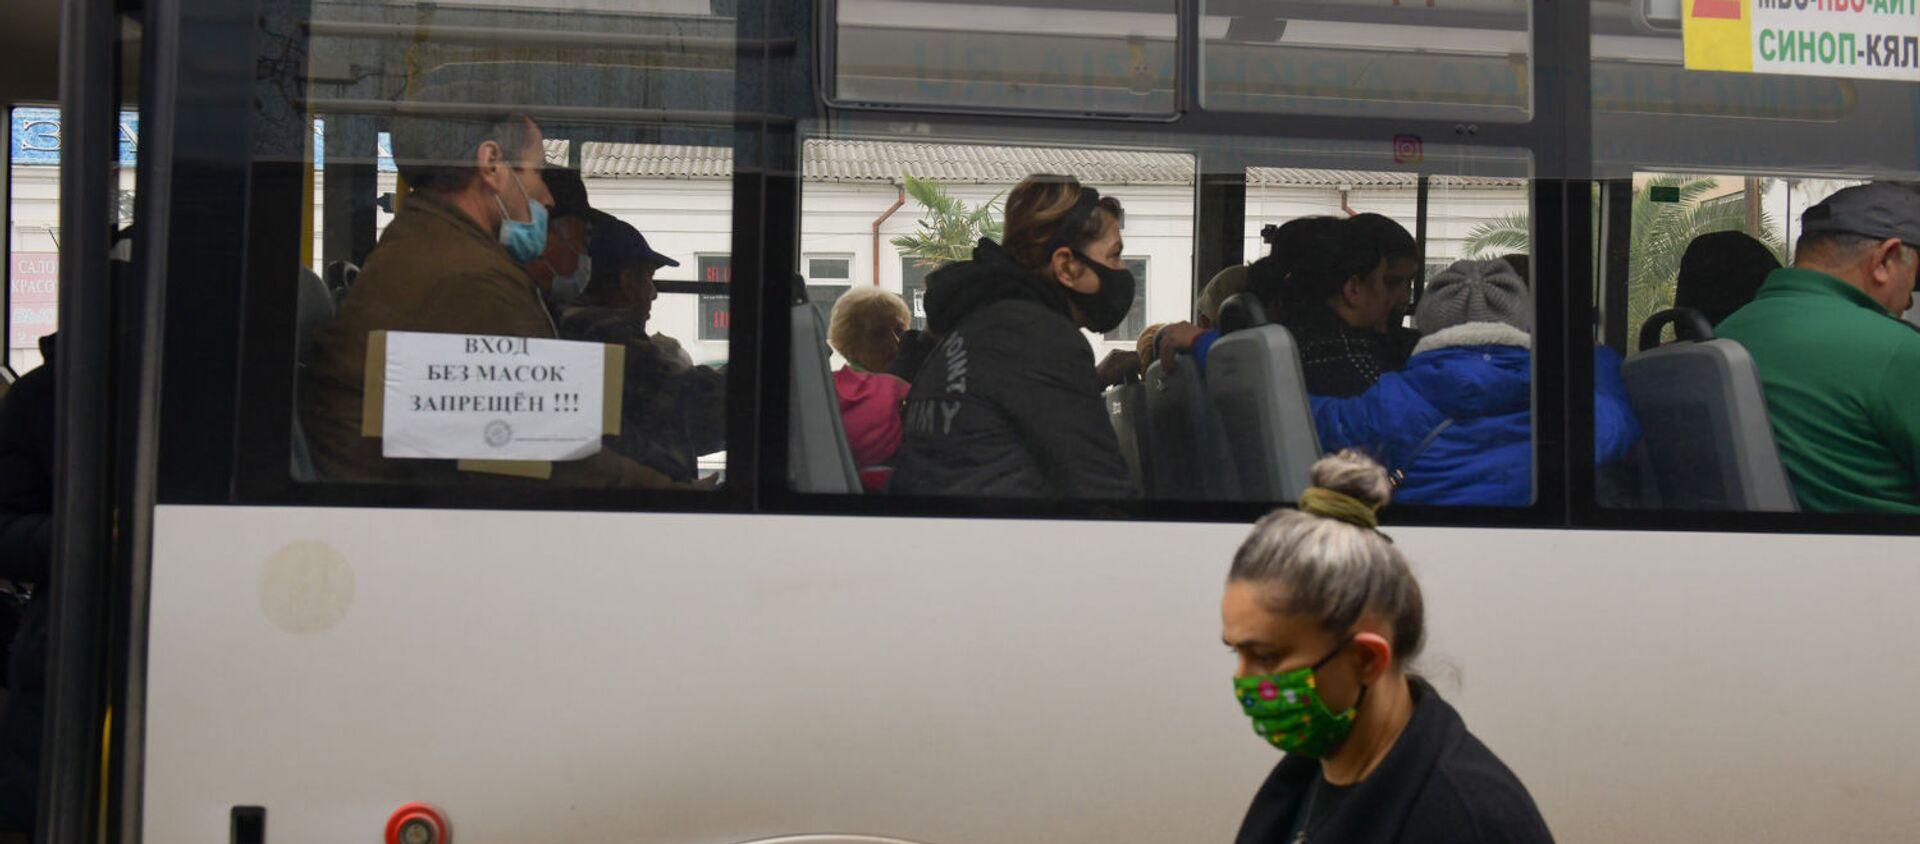 Люди в масках в транспорте  - Sputnik Абхазия, 1920, 11.03.2021